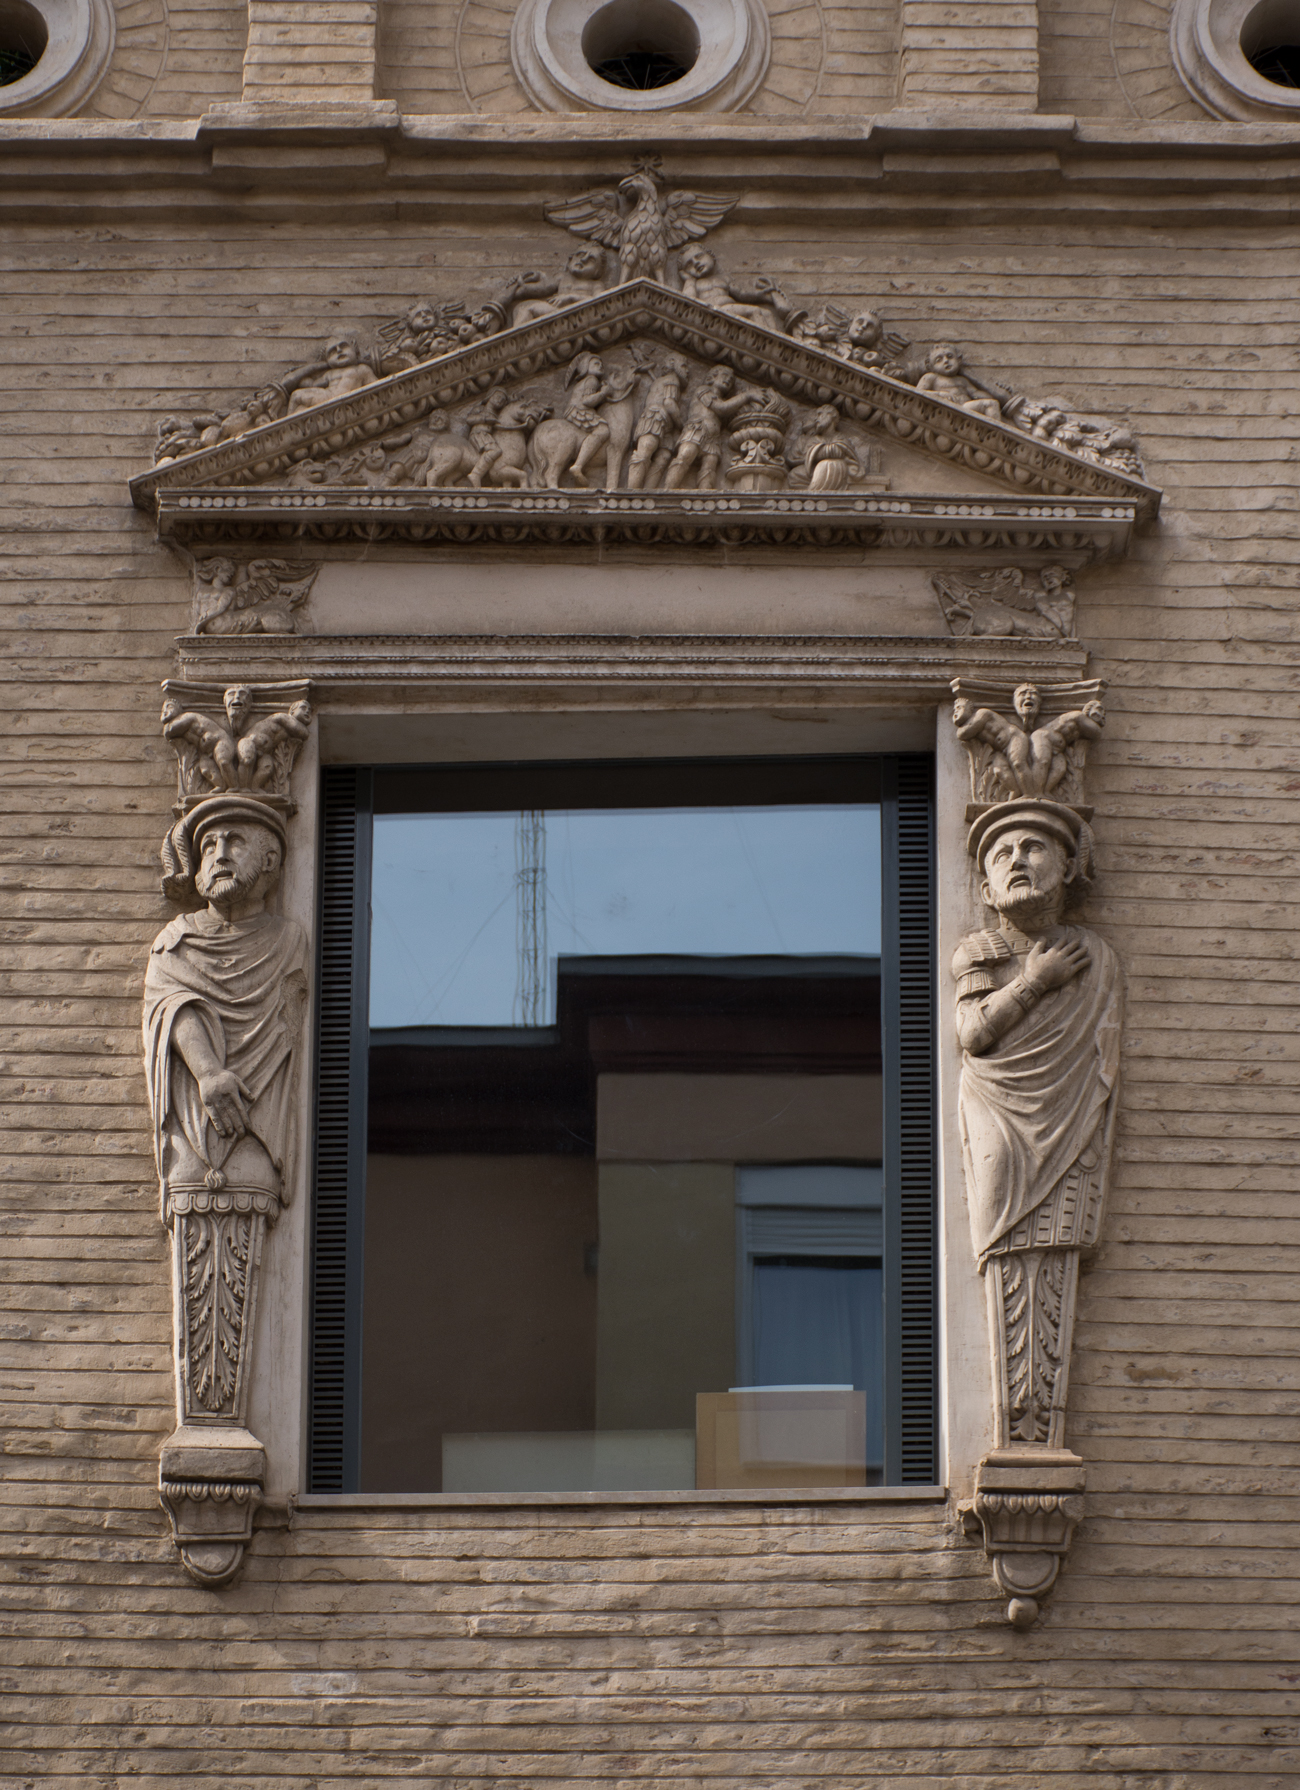 ventana Renacimiento